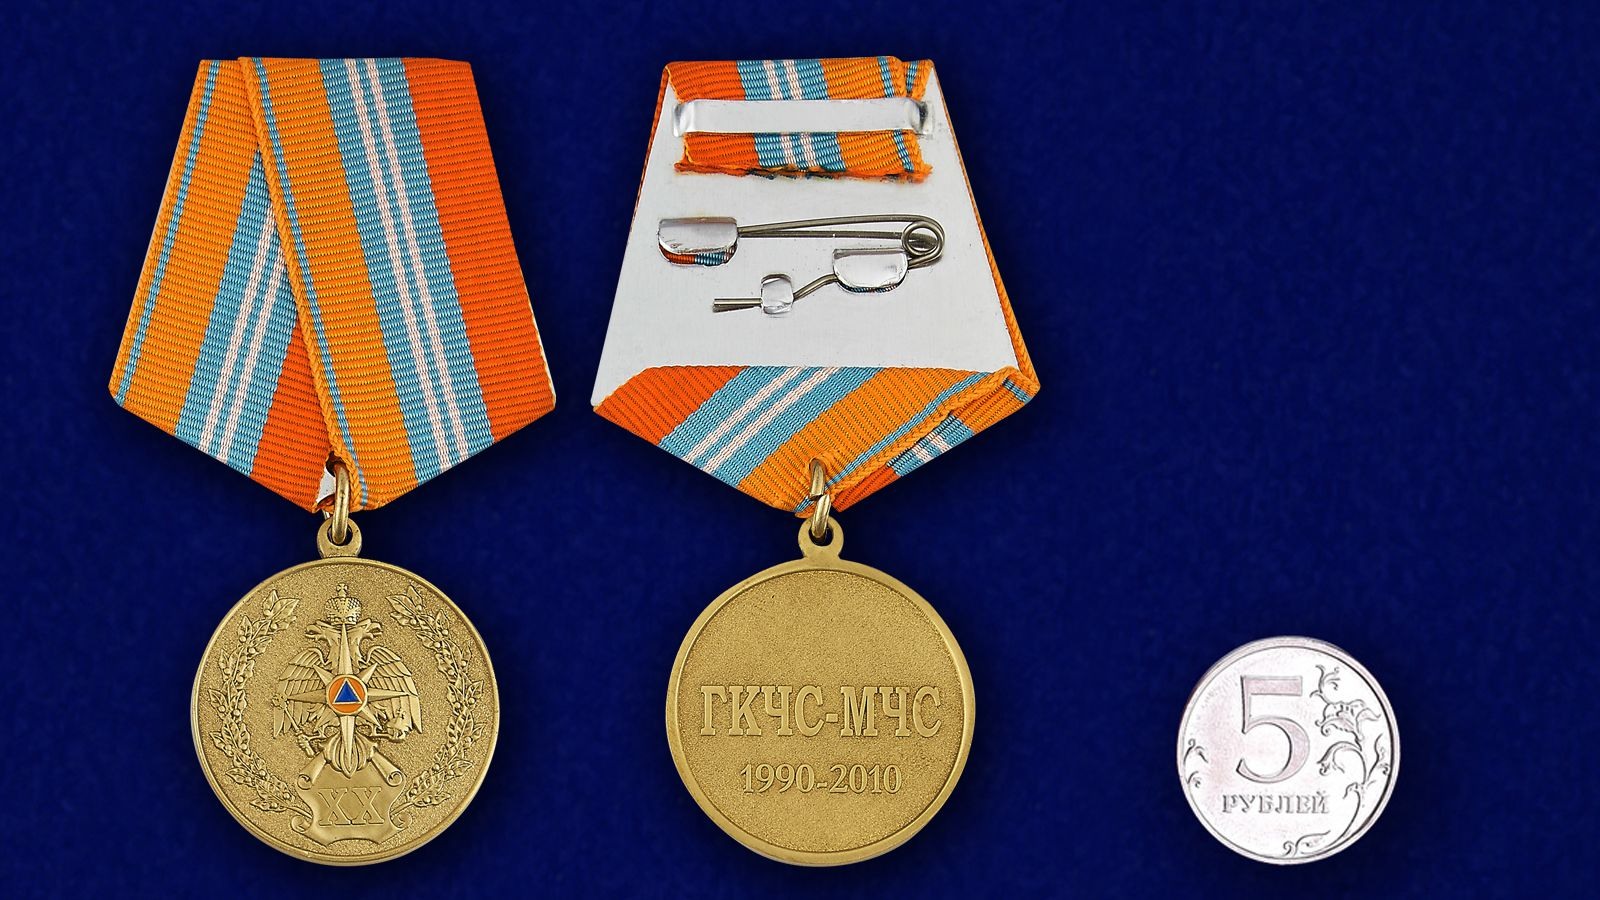 Памятная медаль 20 лет МЧС России - сравнительный вид